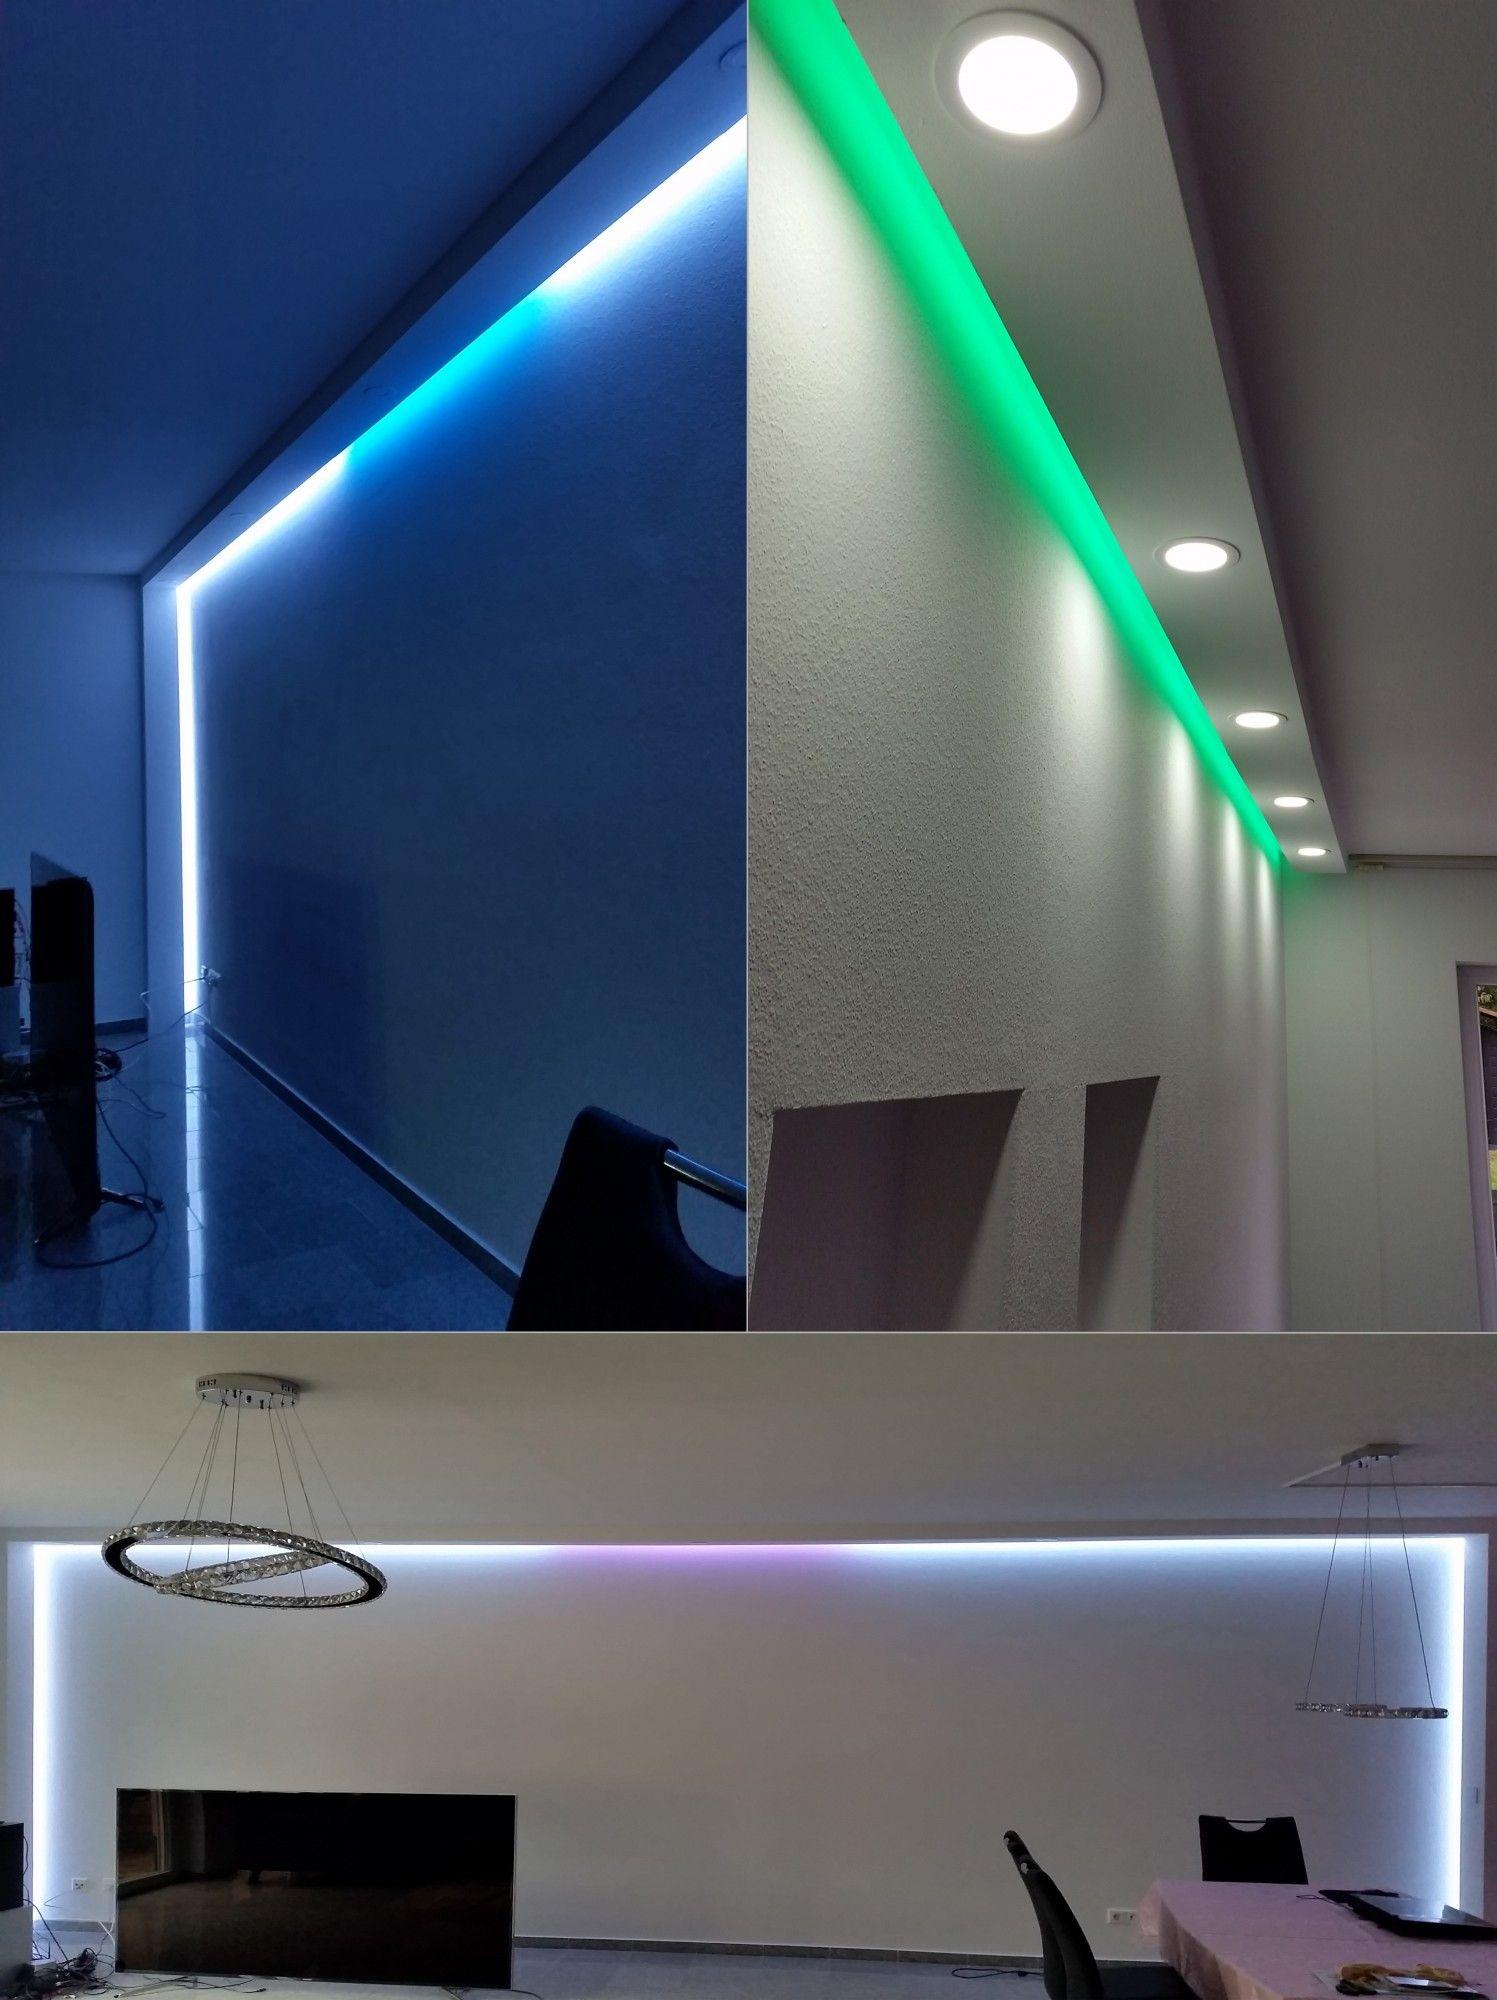 Einfache Dekoration Und Mobel Raeume Mit Licht Gestalten Led Sei Dank #18: 10 Meter PU Spots Kasten LED Leuchten Stuck Deckenprofil Stoßfest 80x200 LED-11  007